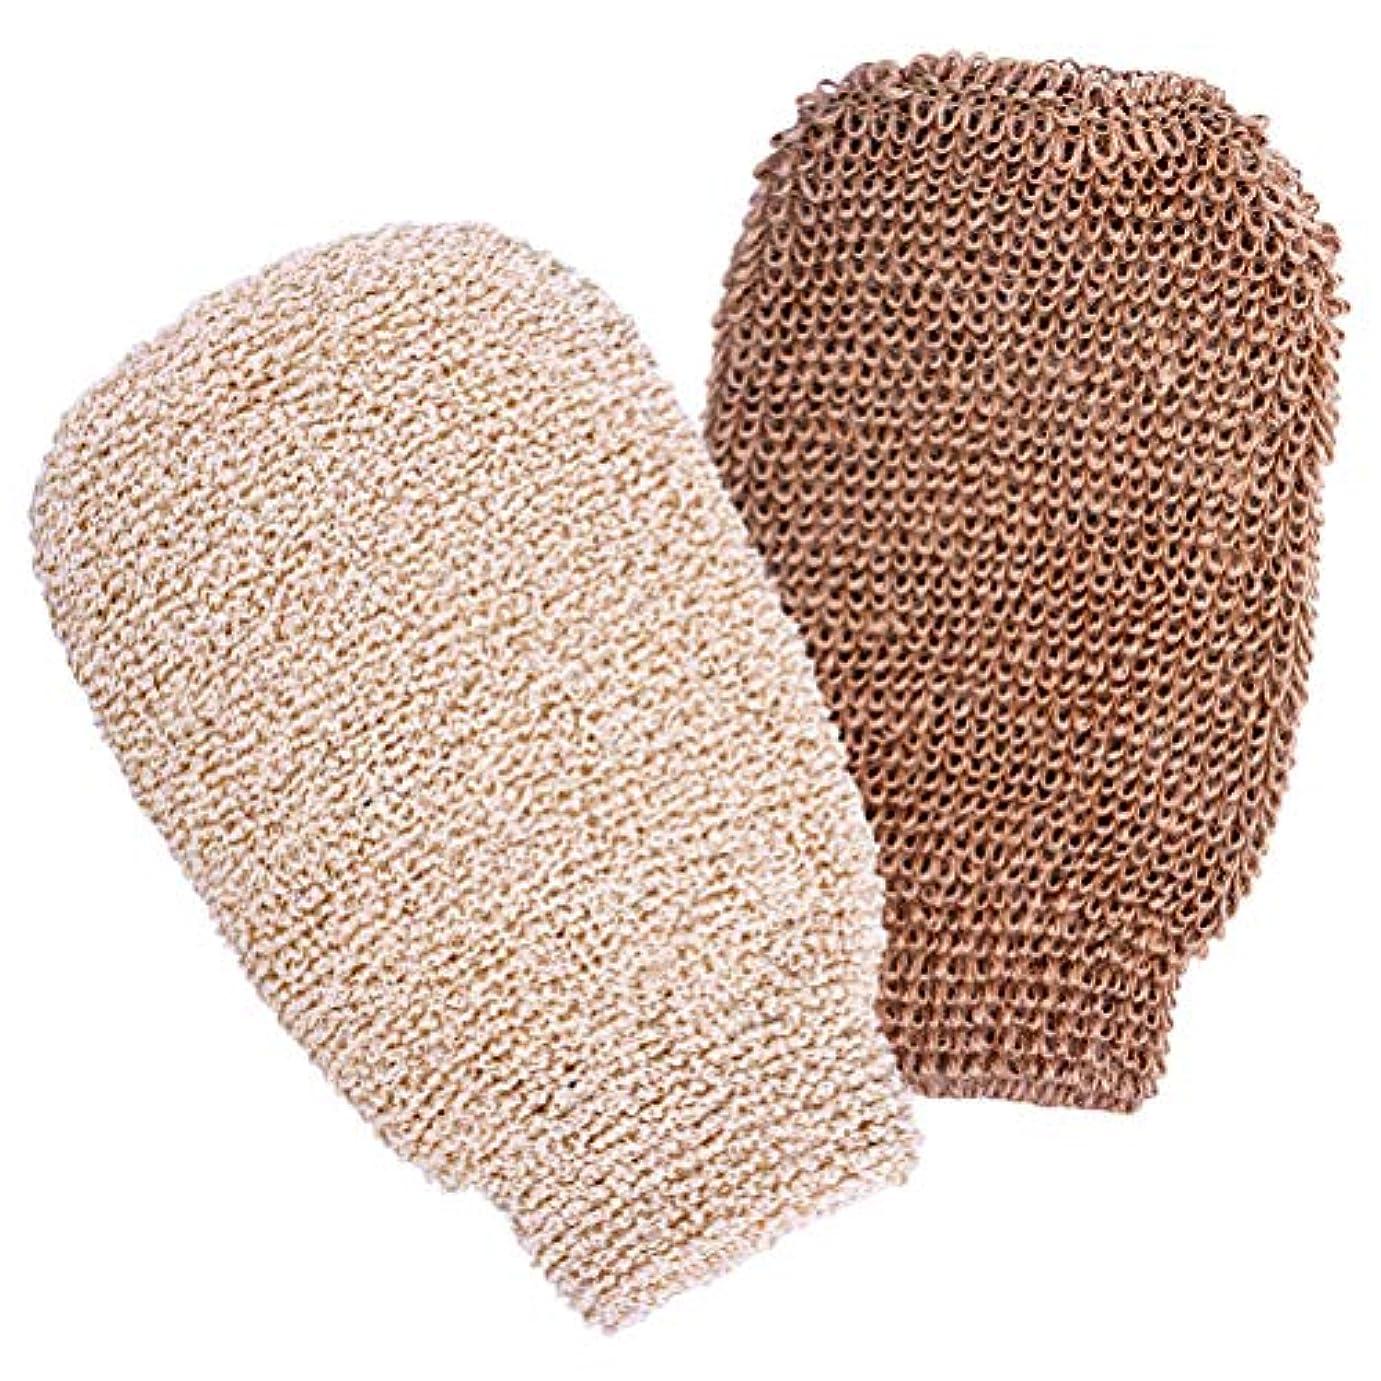 バルーンハドルスペイン語FBYED 2個 シャワージェル手袋スキンケア手袋 天然亜麻繊維 天然竹繊維製 入浴用手袋 安全性 快適な 抗菌性 通気性 防腐剤 汗を吸収 角質除去と のスキンケア手袋